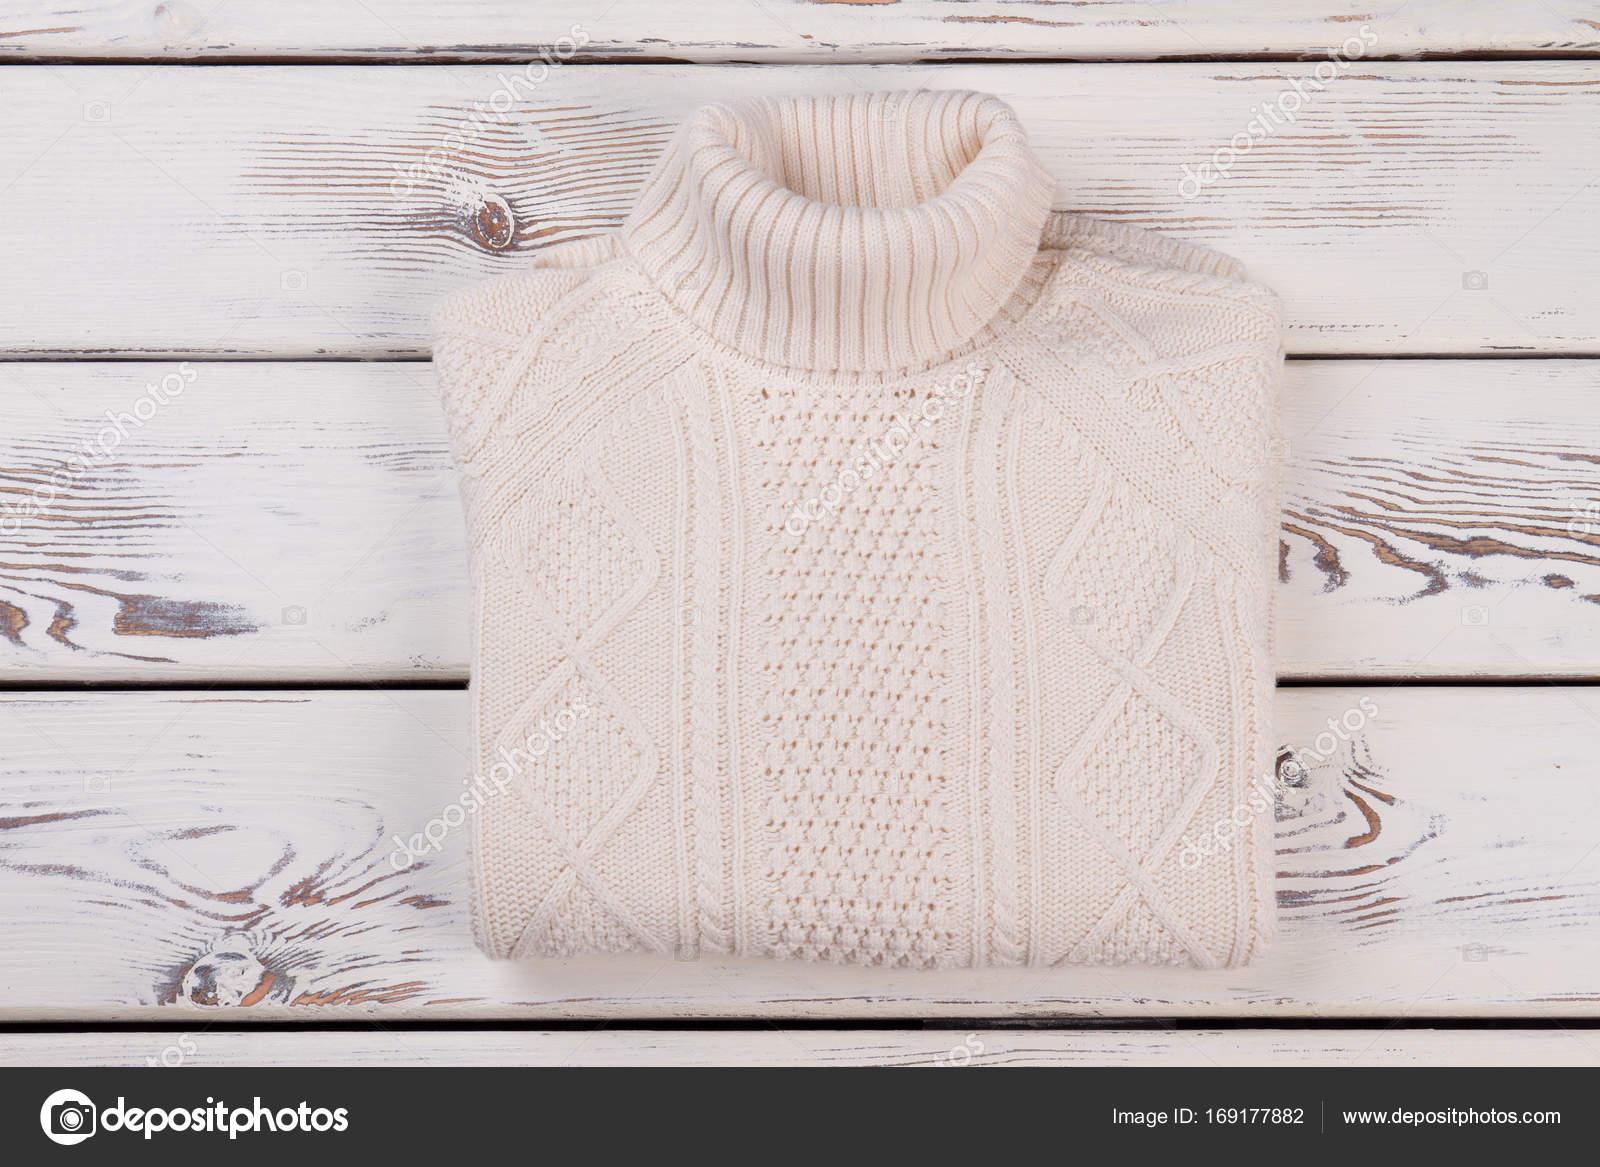 fd9dccd32eb Bílé ručně pletený svetr — Stock Fotografie © margostock  169177882